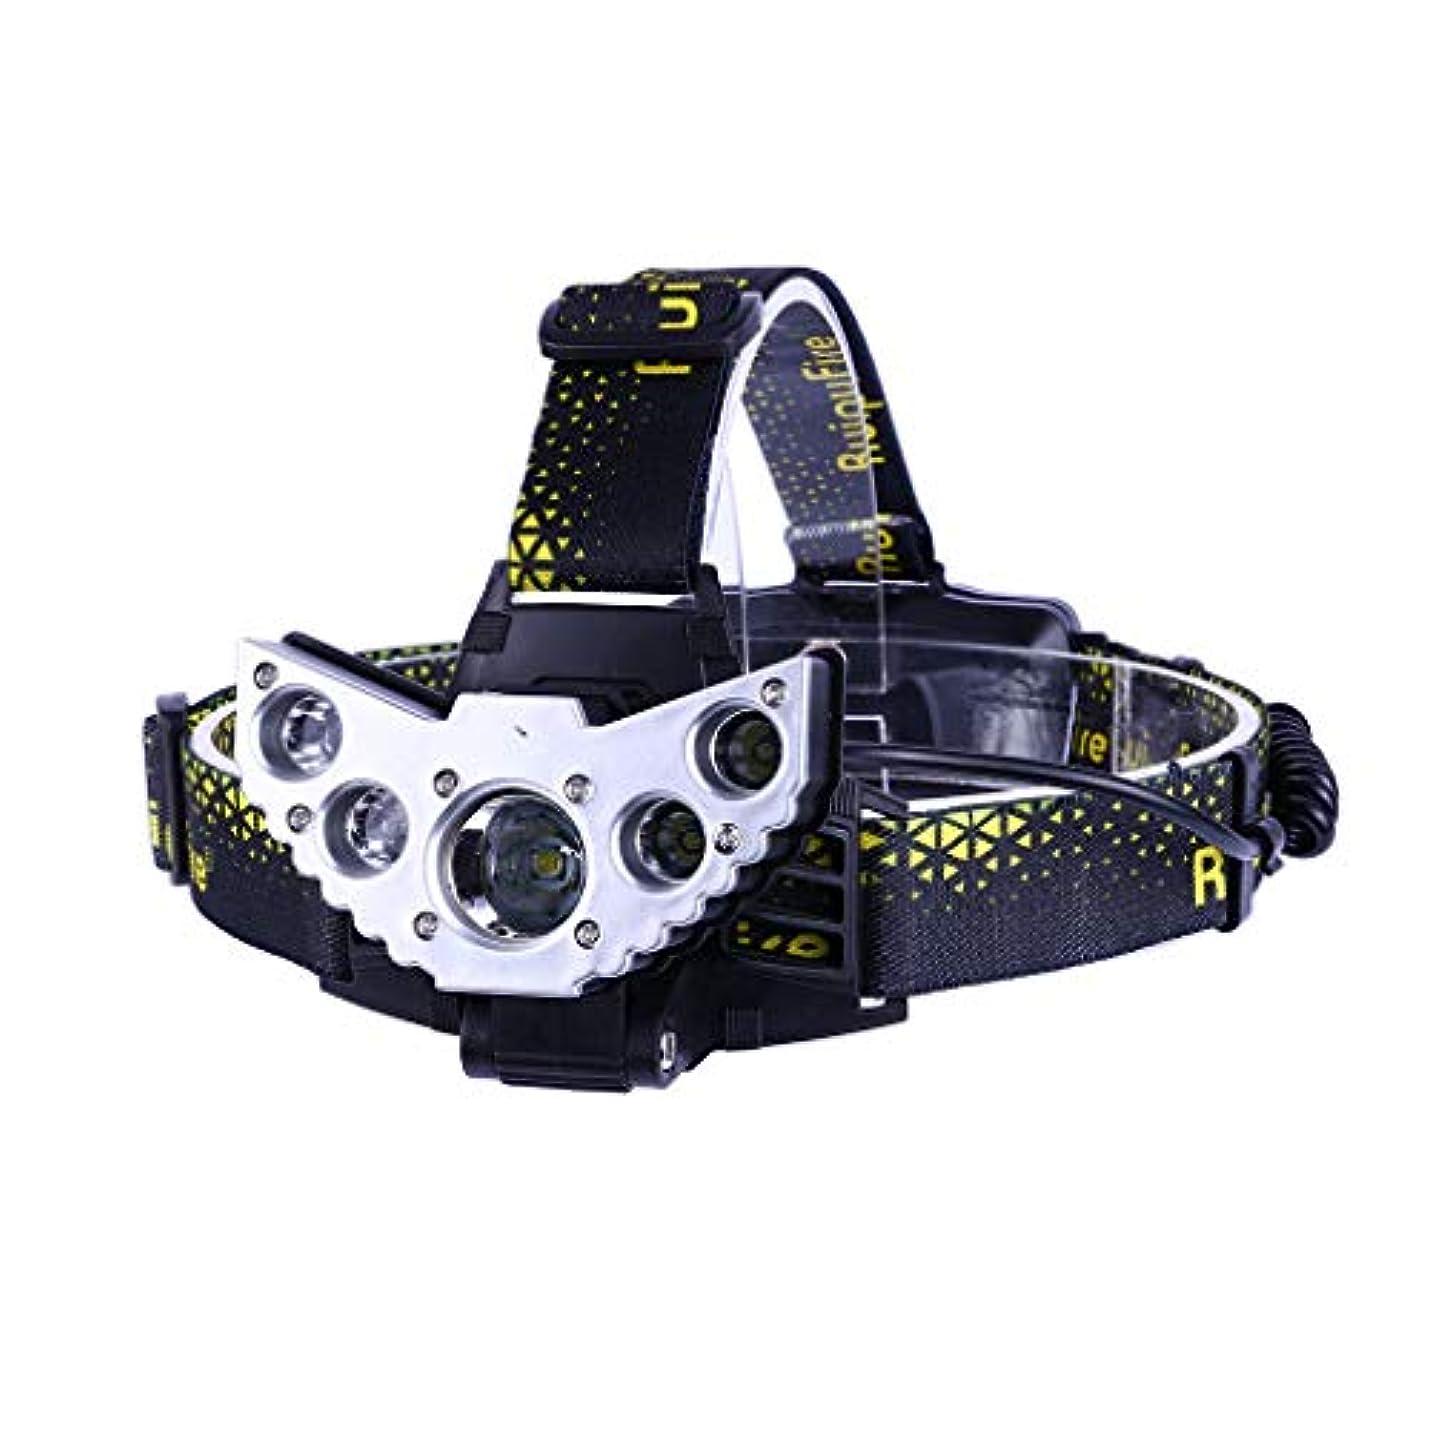 乳白色軍艦追放する5*XM-L T6 LED Headlight ヘッドライト ヘッドランプ 受電可能 5点灯モード 18650 3.7v電池 角度調整可能 TangQI 高輝度 アウトドア キャンプ 防水 停電時用 ハイキング サイクリング 防災 登山 夜釣り 夜間走行 ウォーキング スポーツ 野外活動 自転車 作業に適用